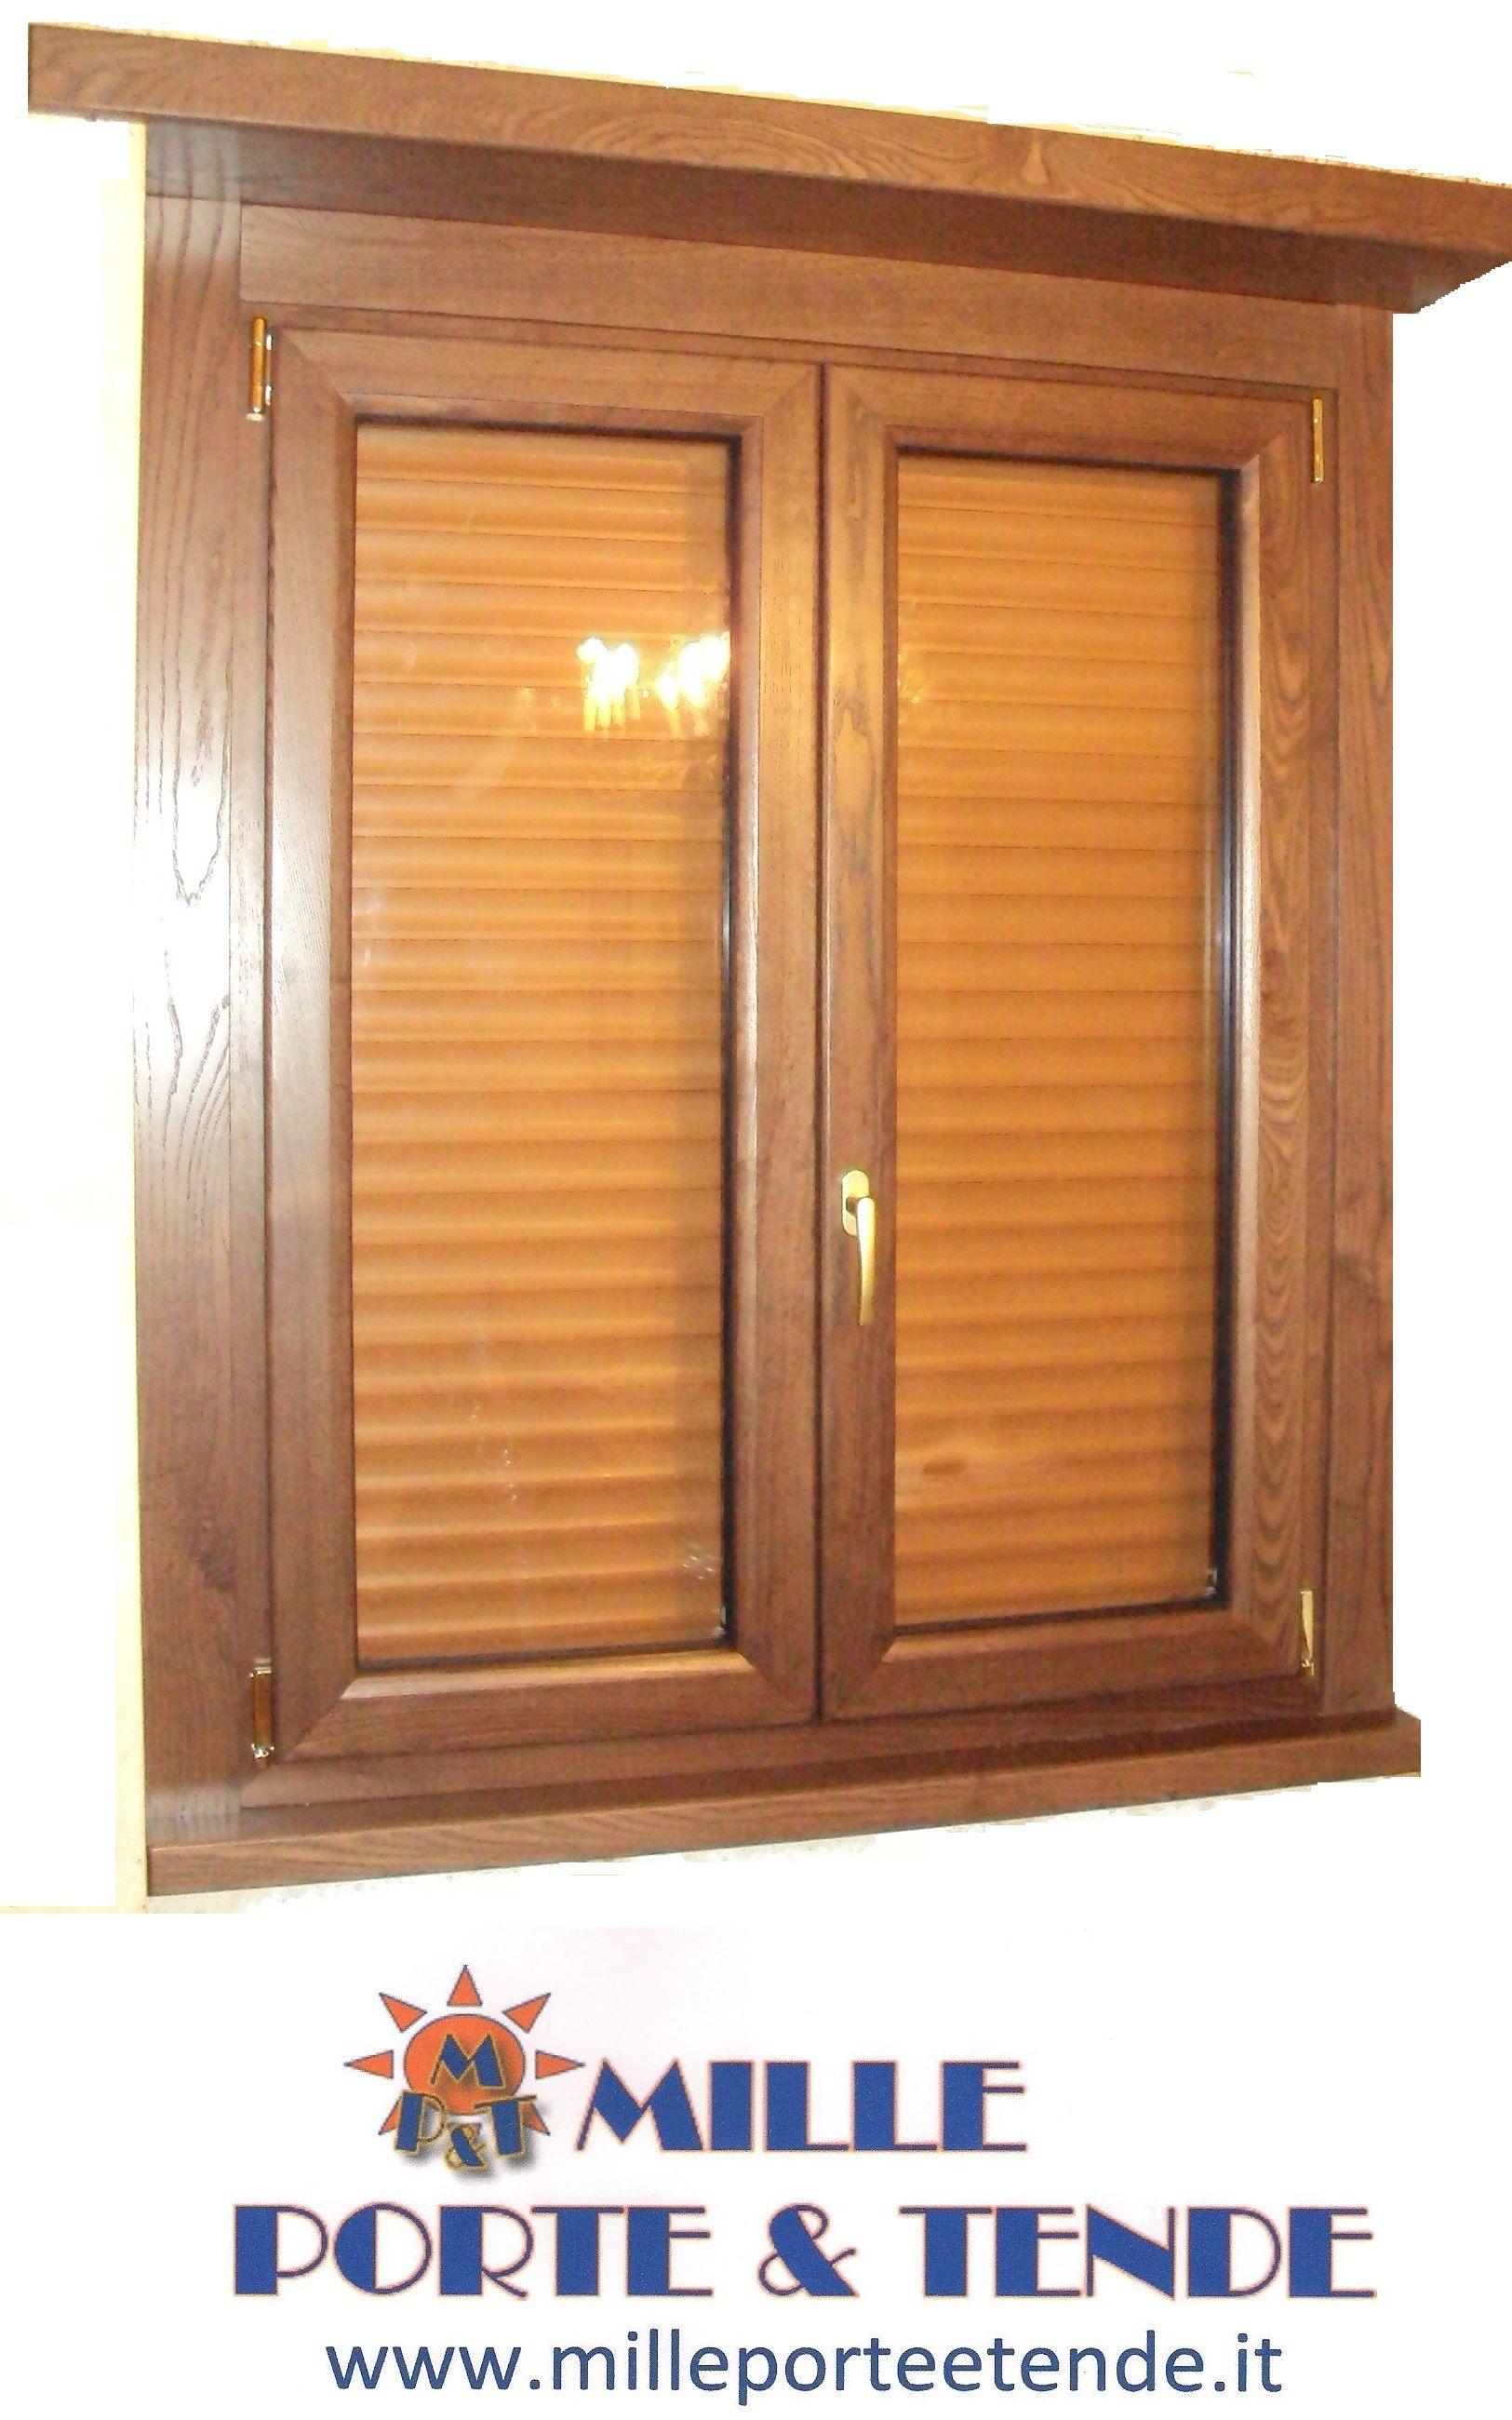 Le nostre meravigliose finestre in legno alluminio della ts infissi esterno in alluminio - Finestre in frassino ...